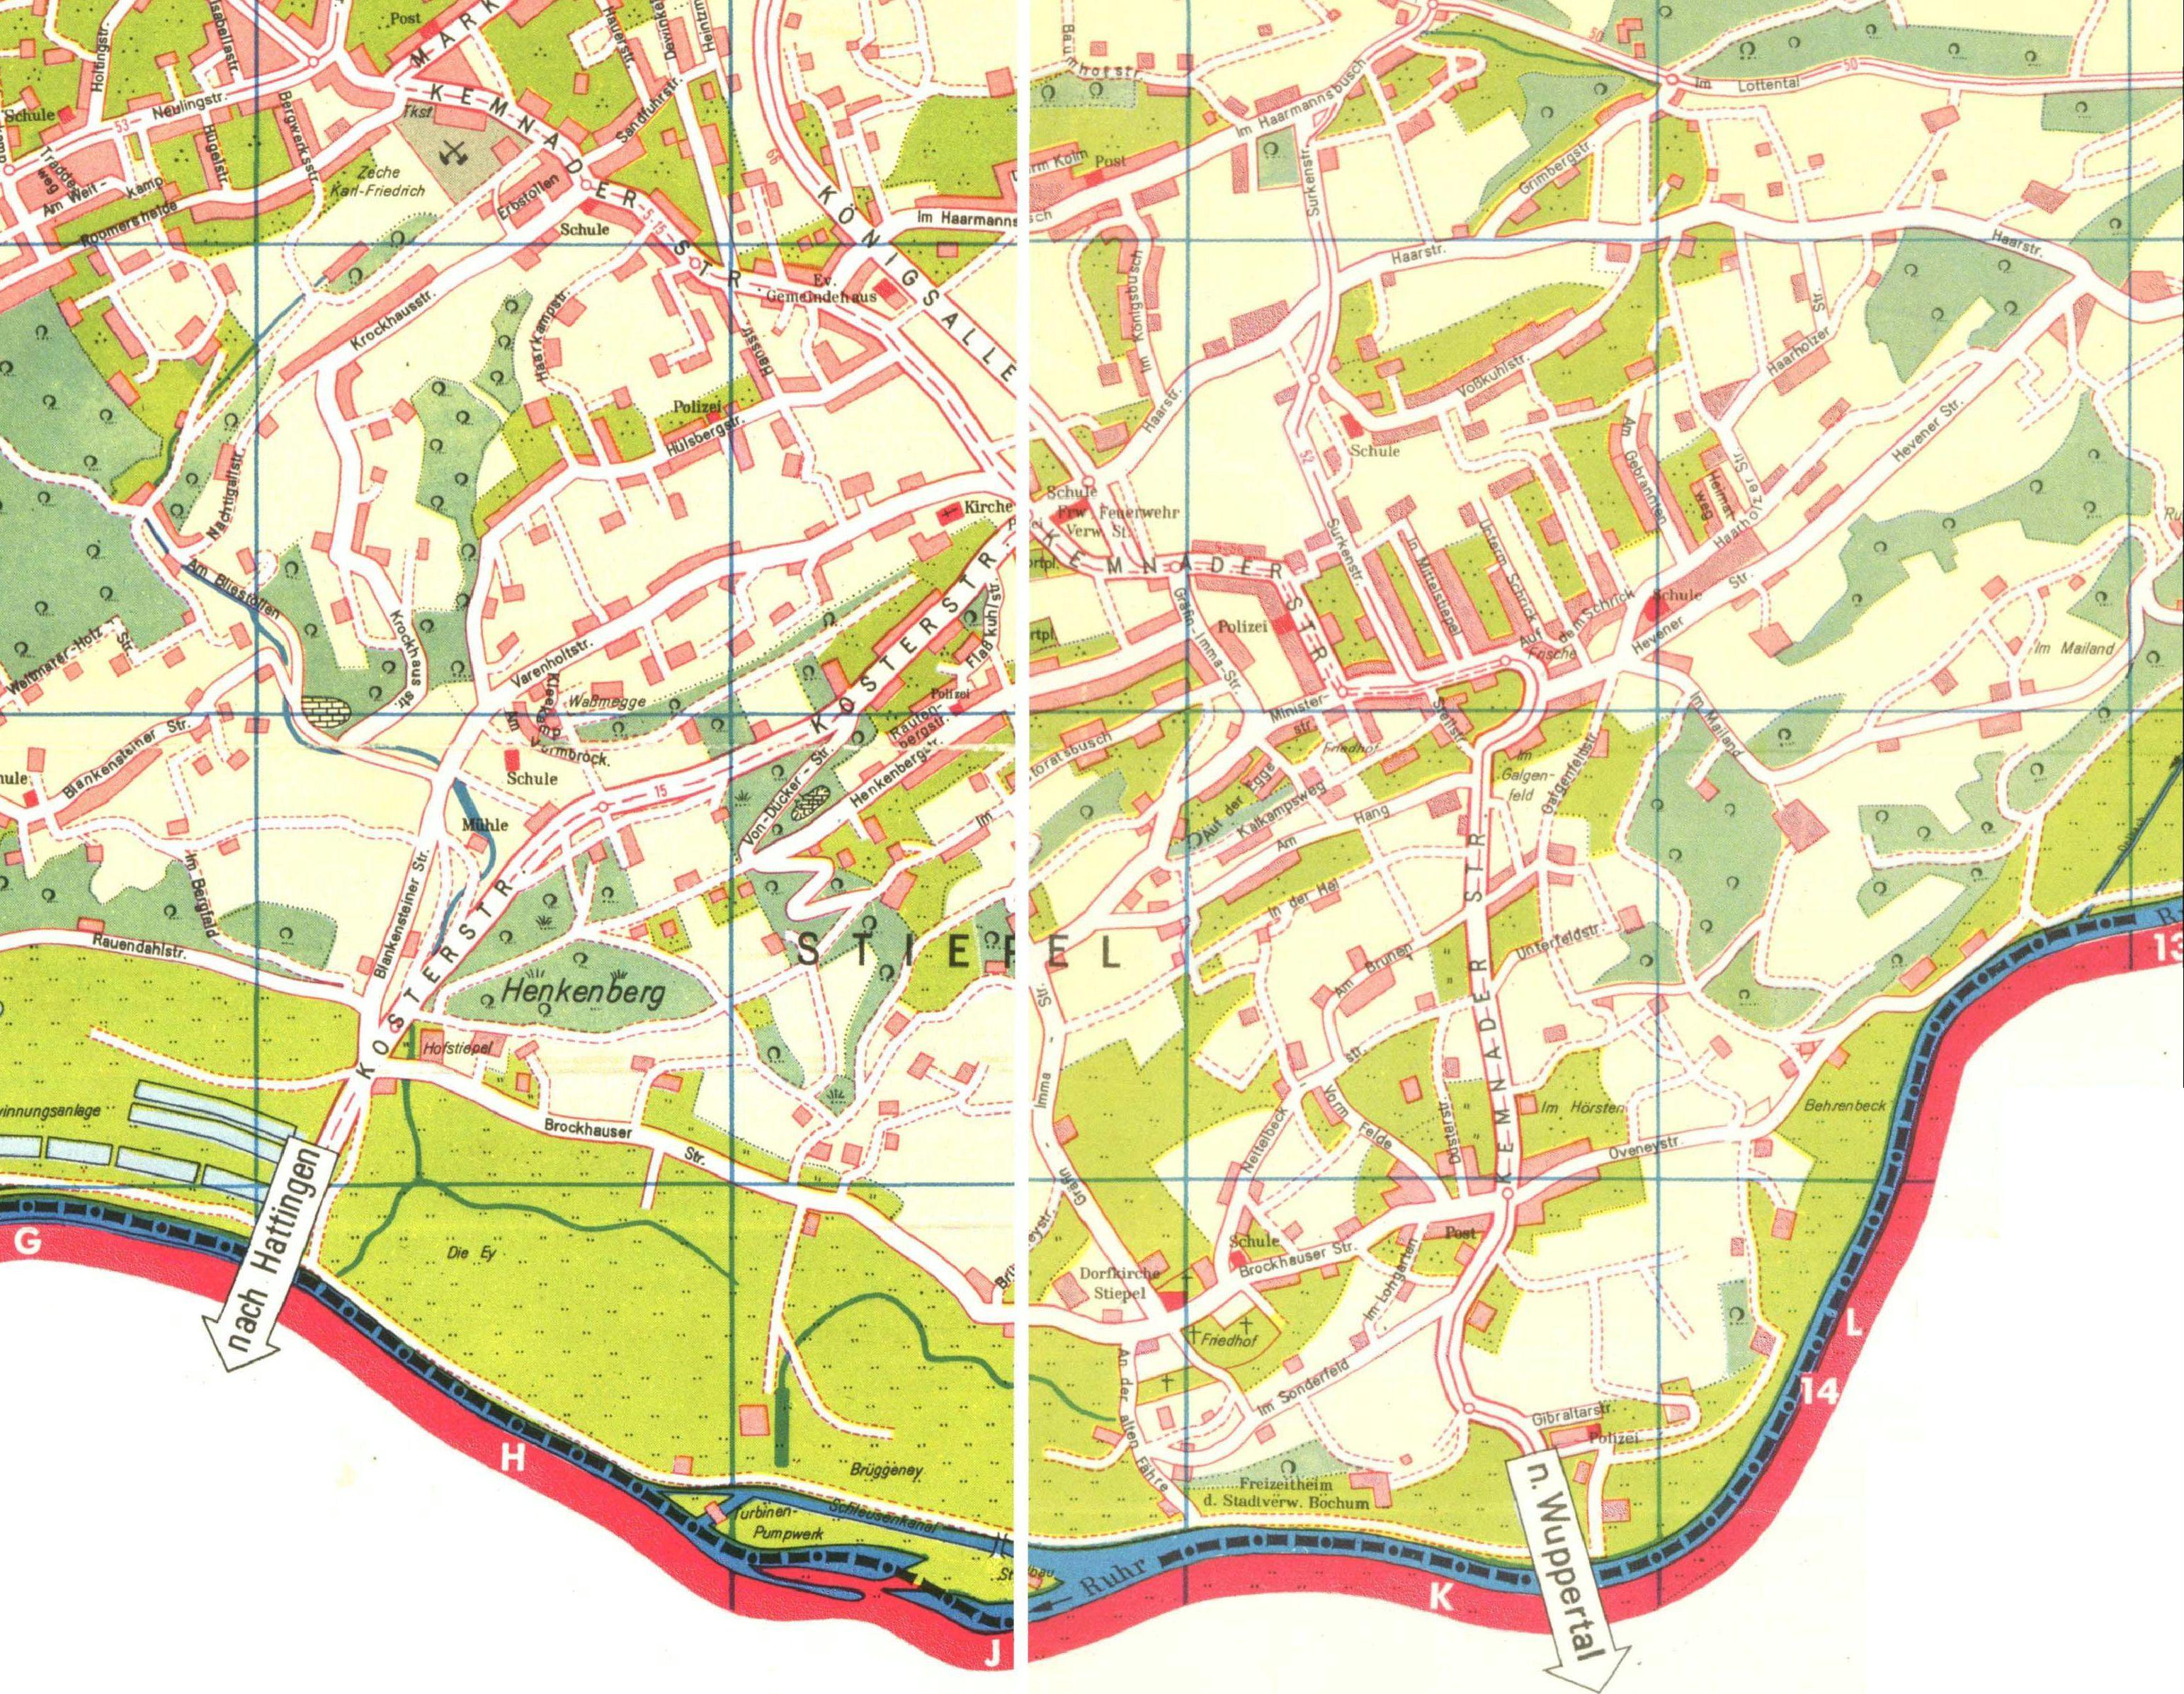 stadtplan-1959-stiepel